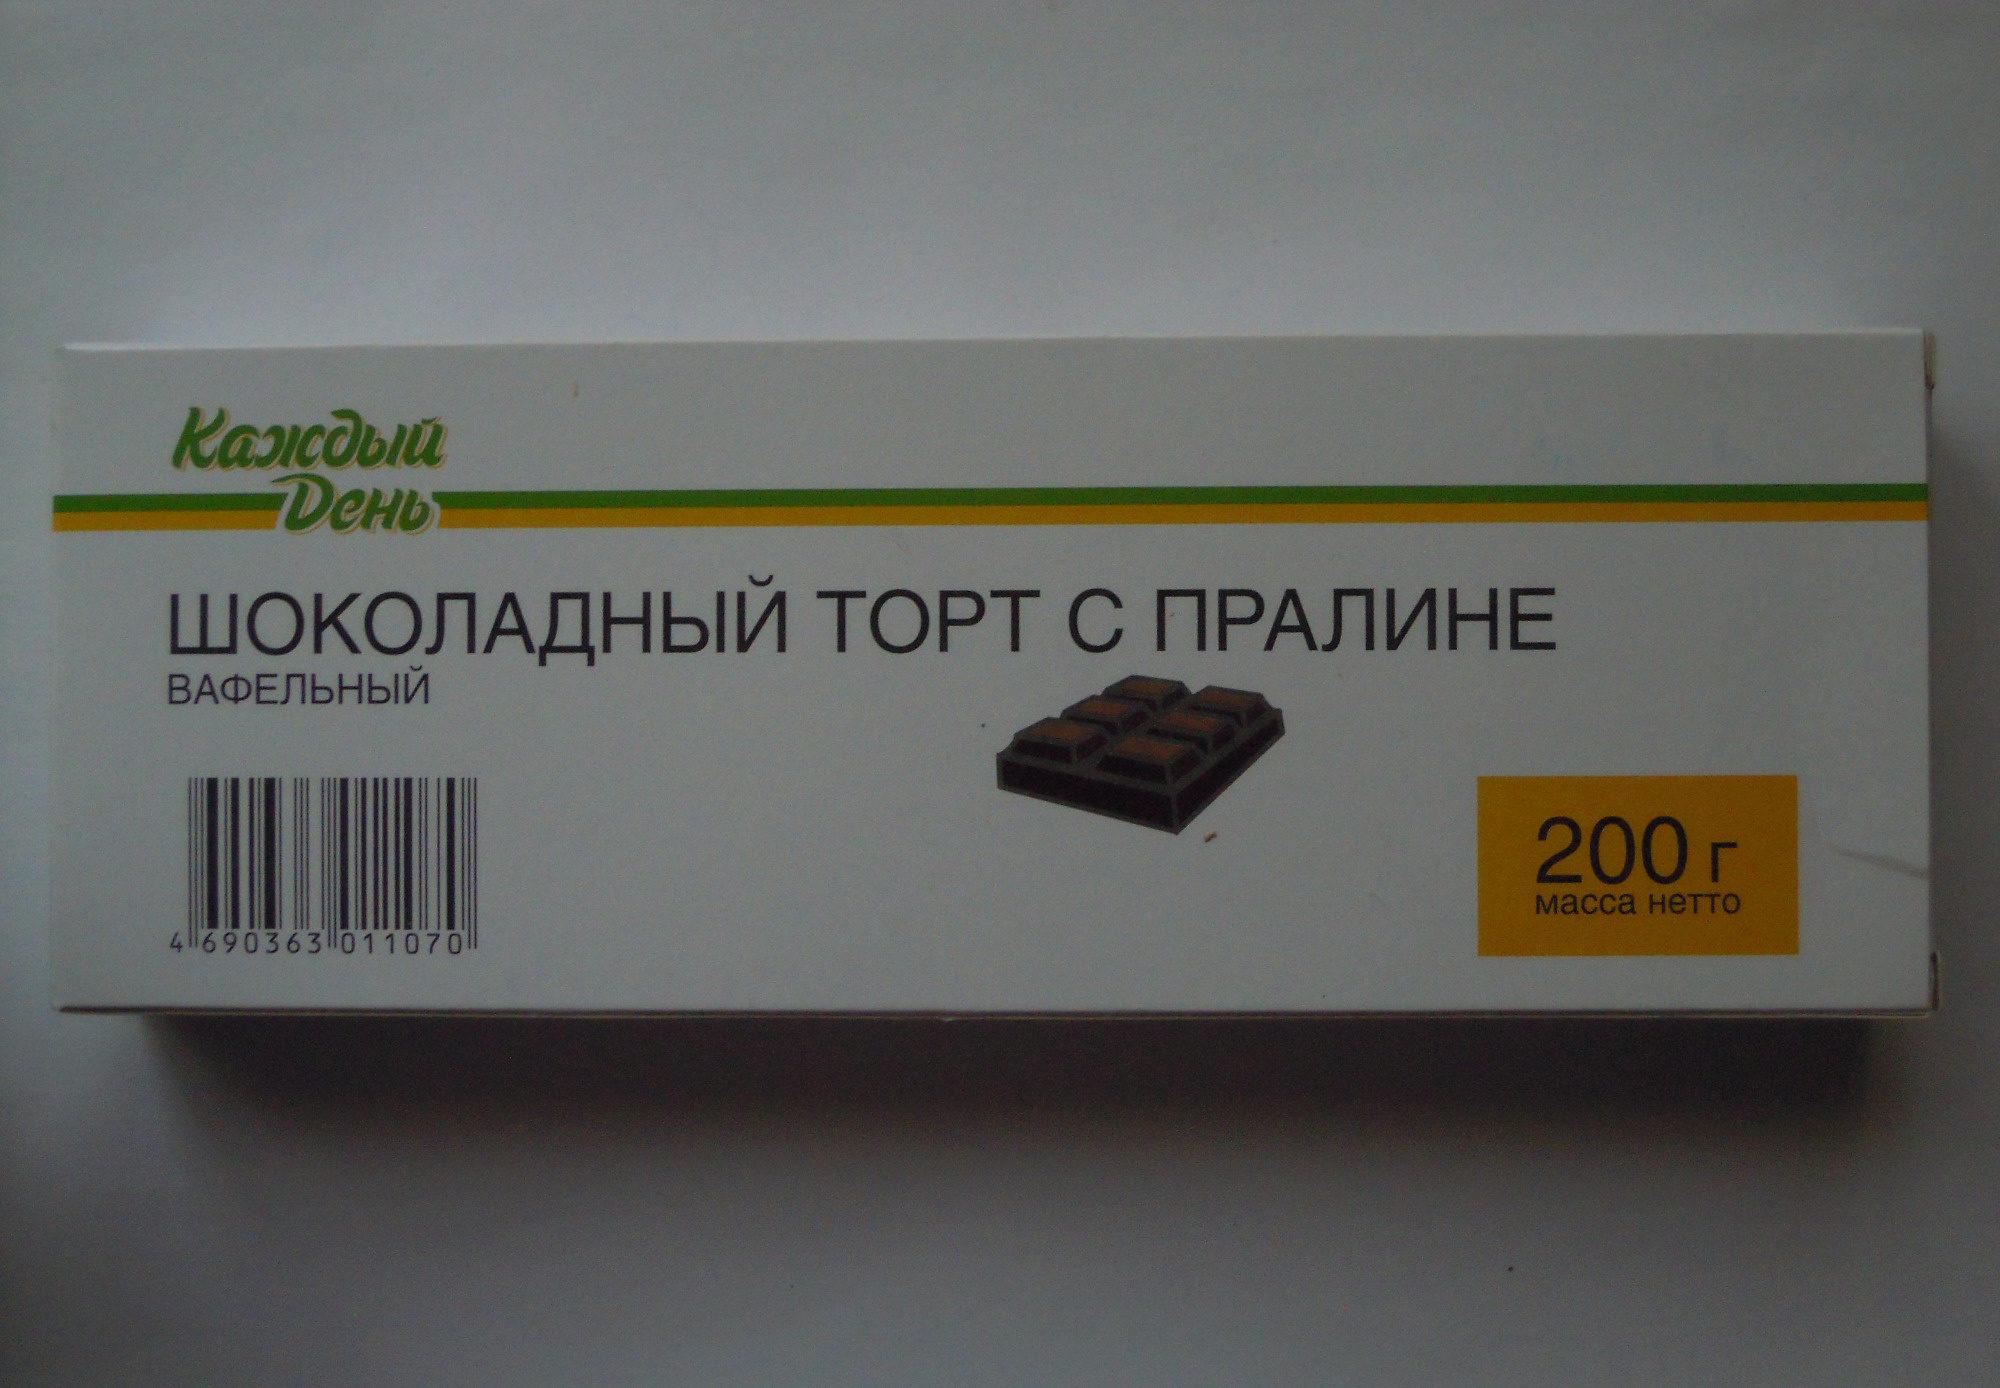 Шоколадный торт с пралине (вафельный) - Product - ru